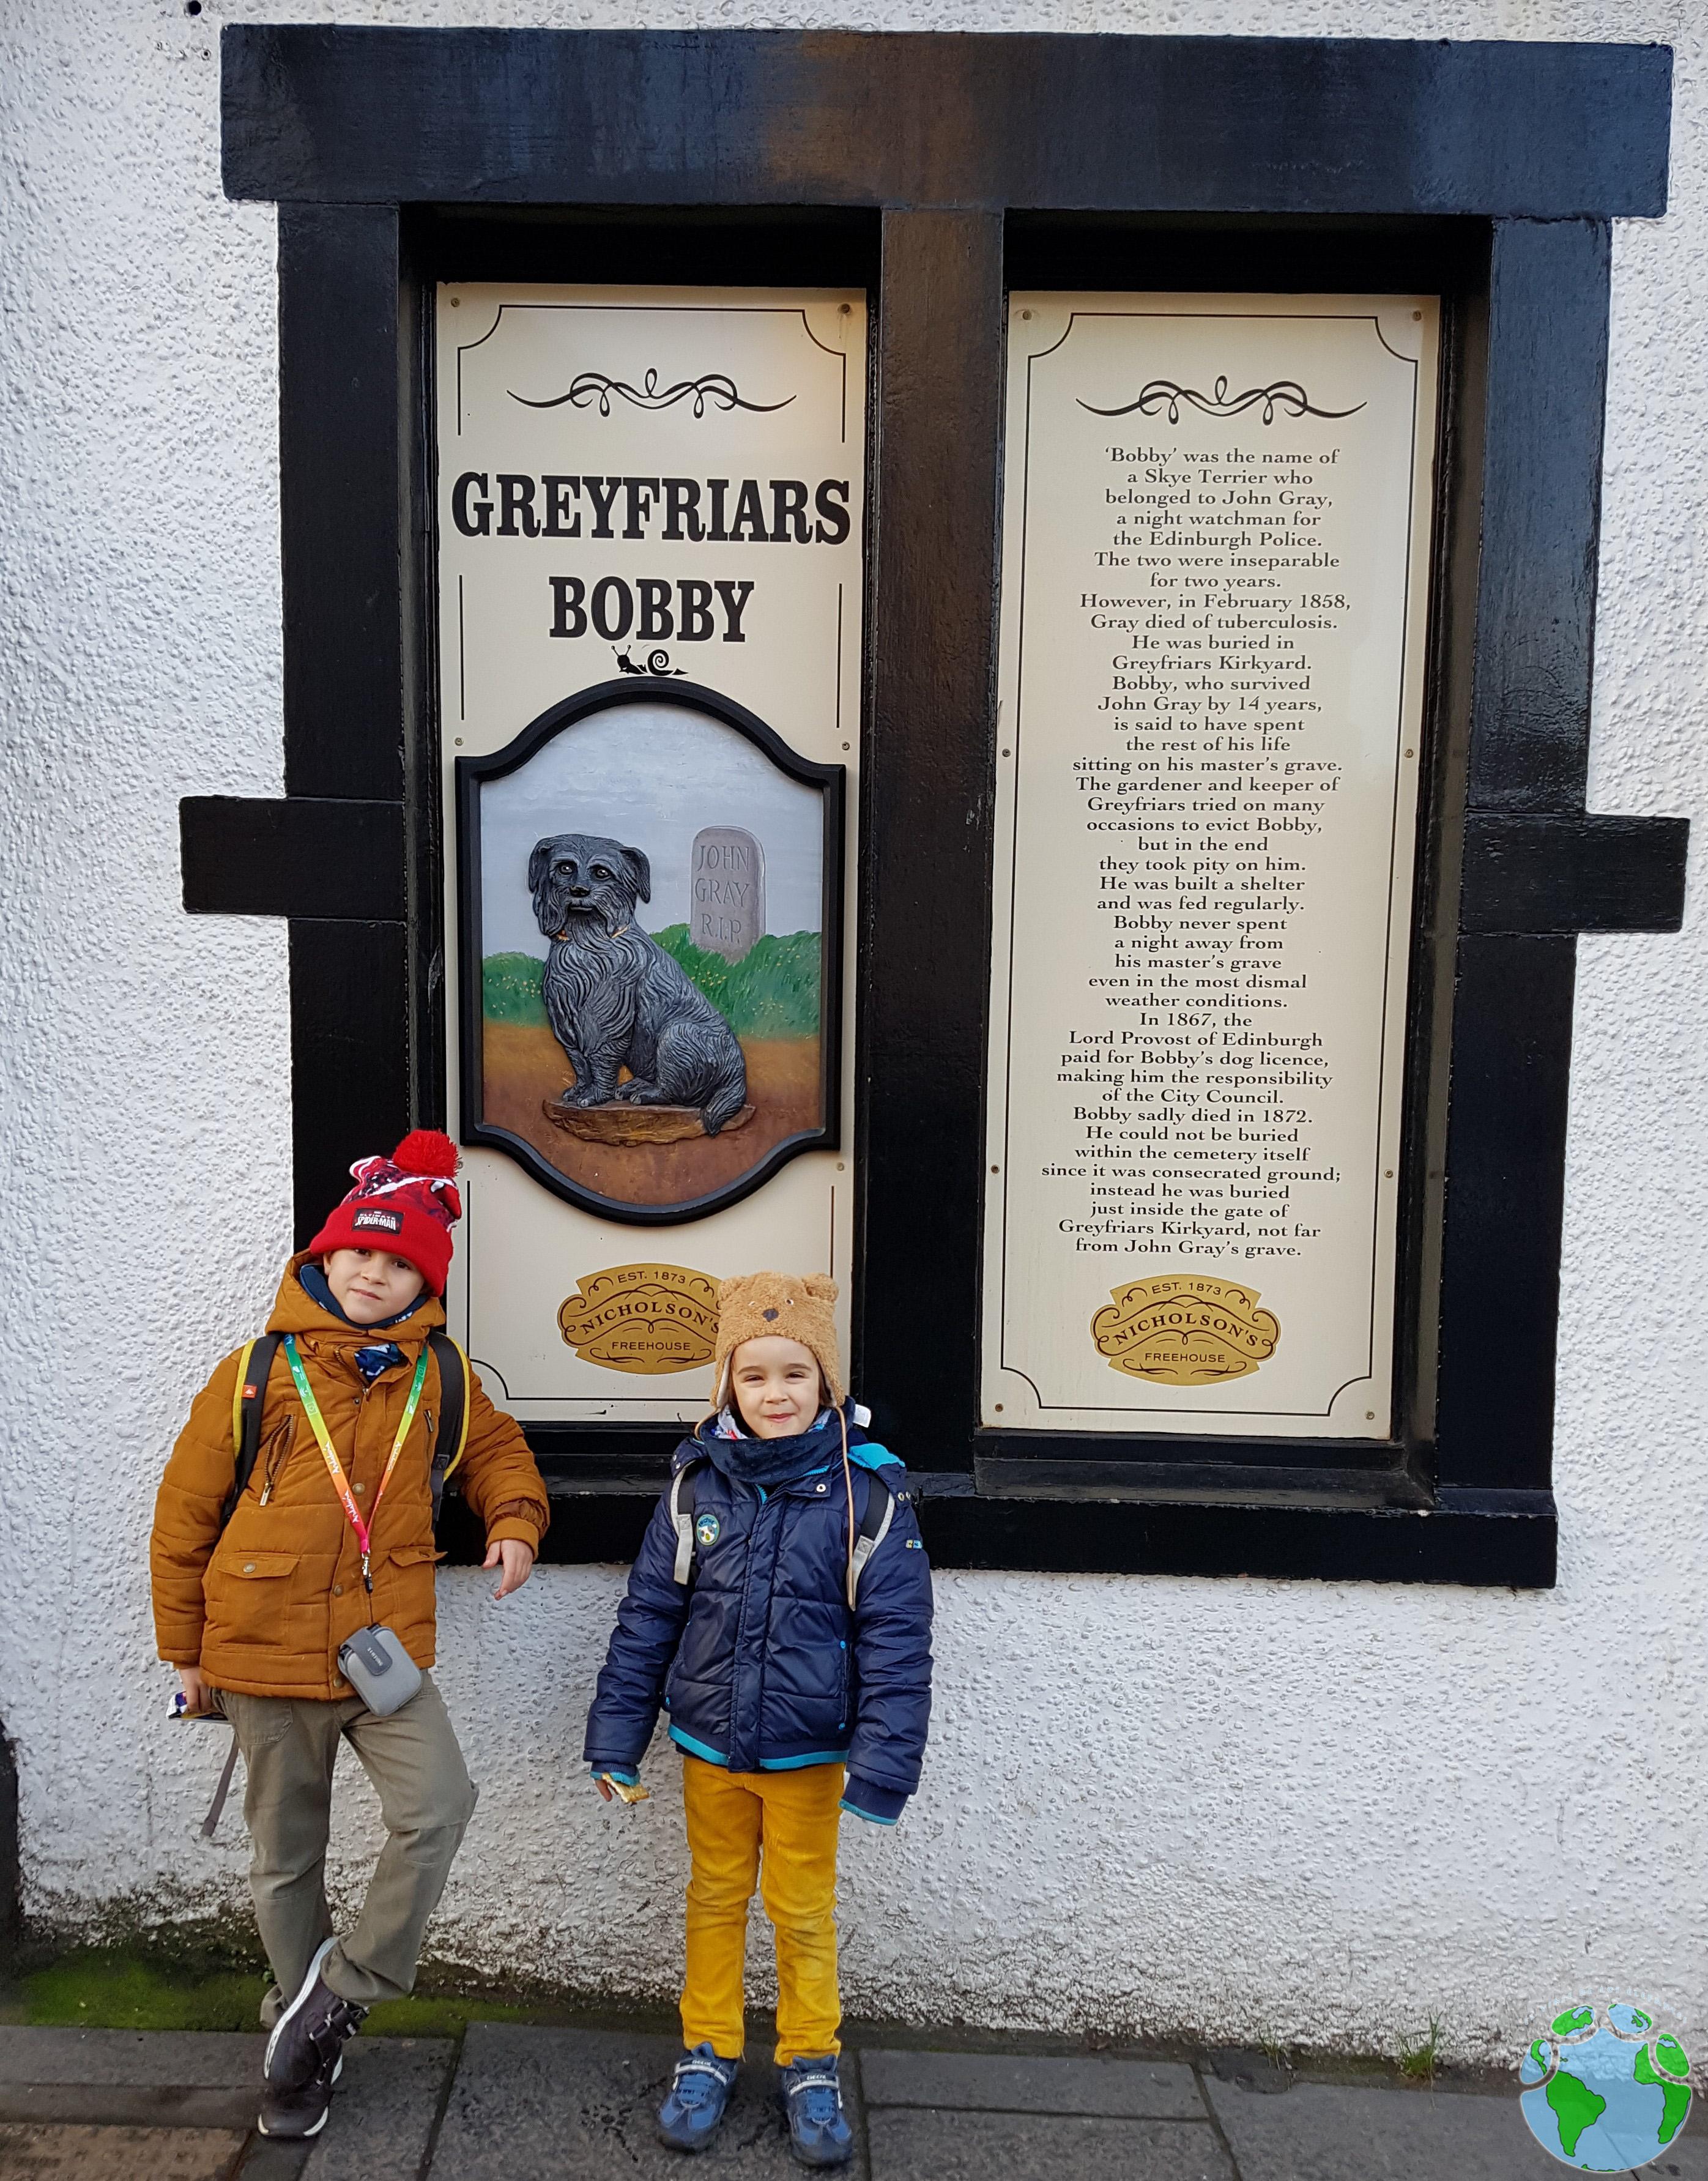 Bobby Greyfriars con niños